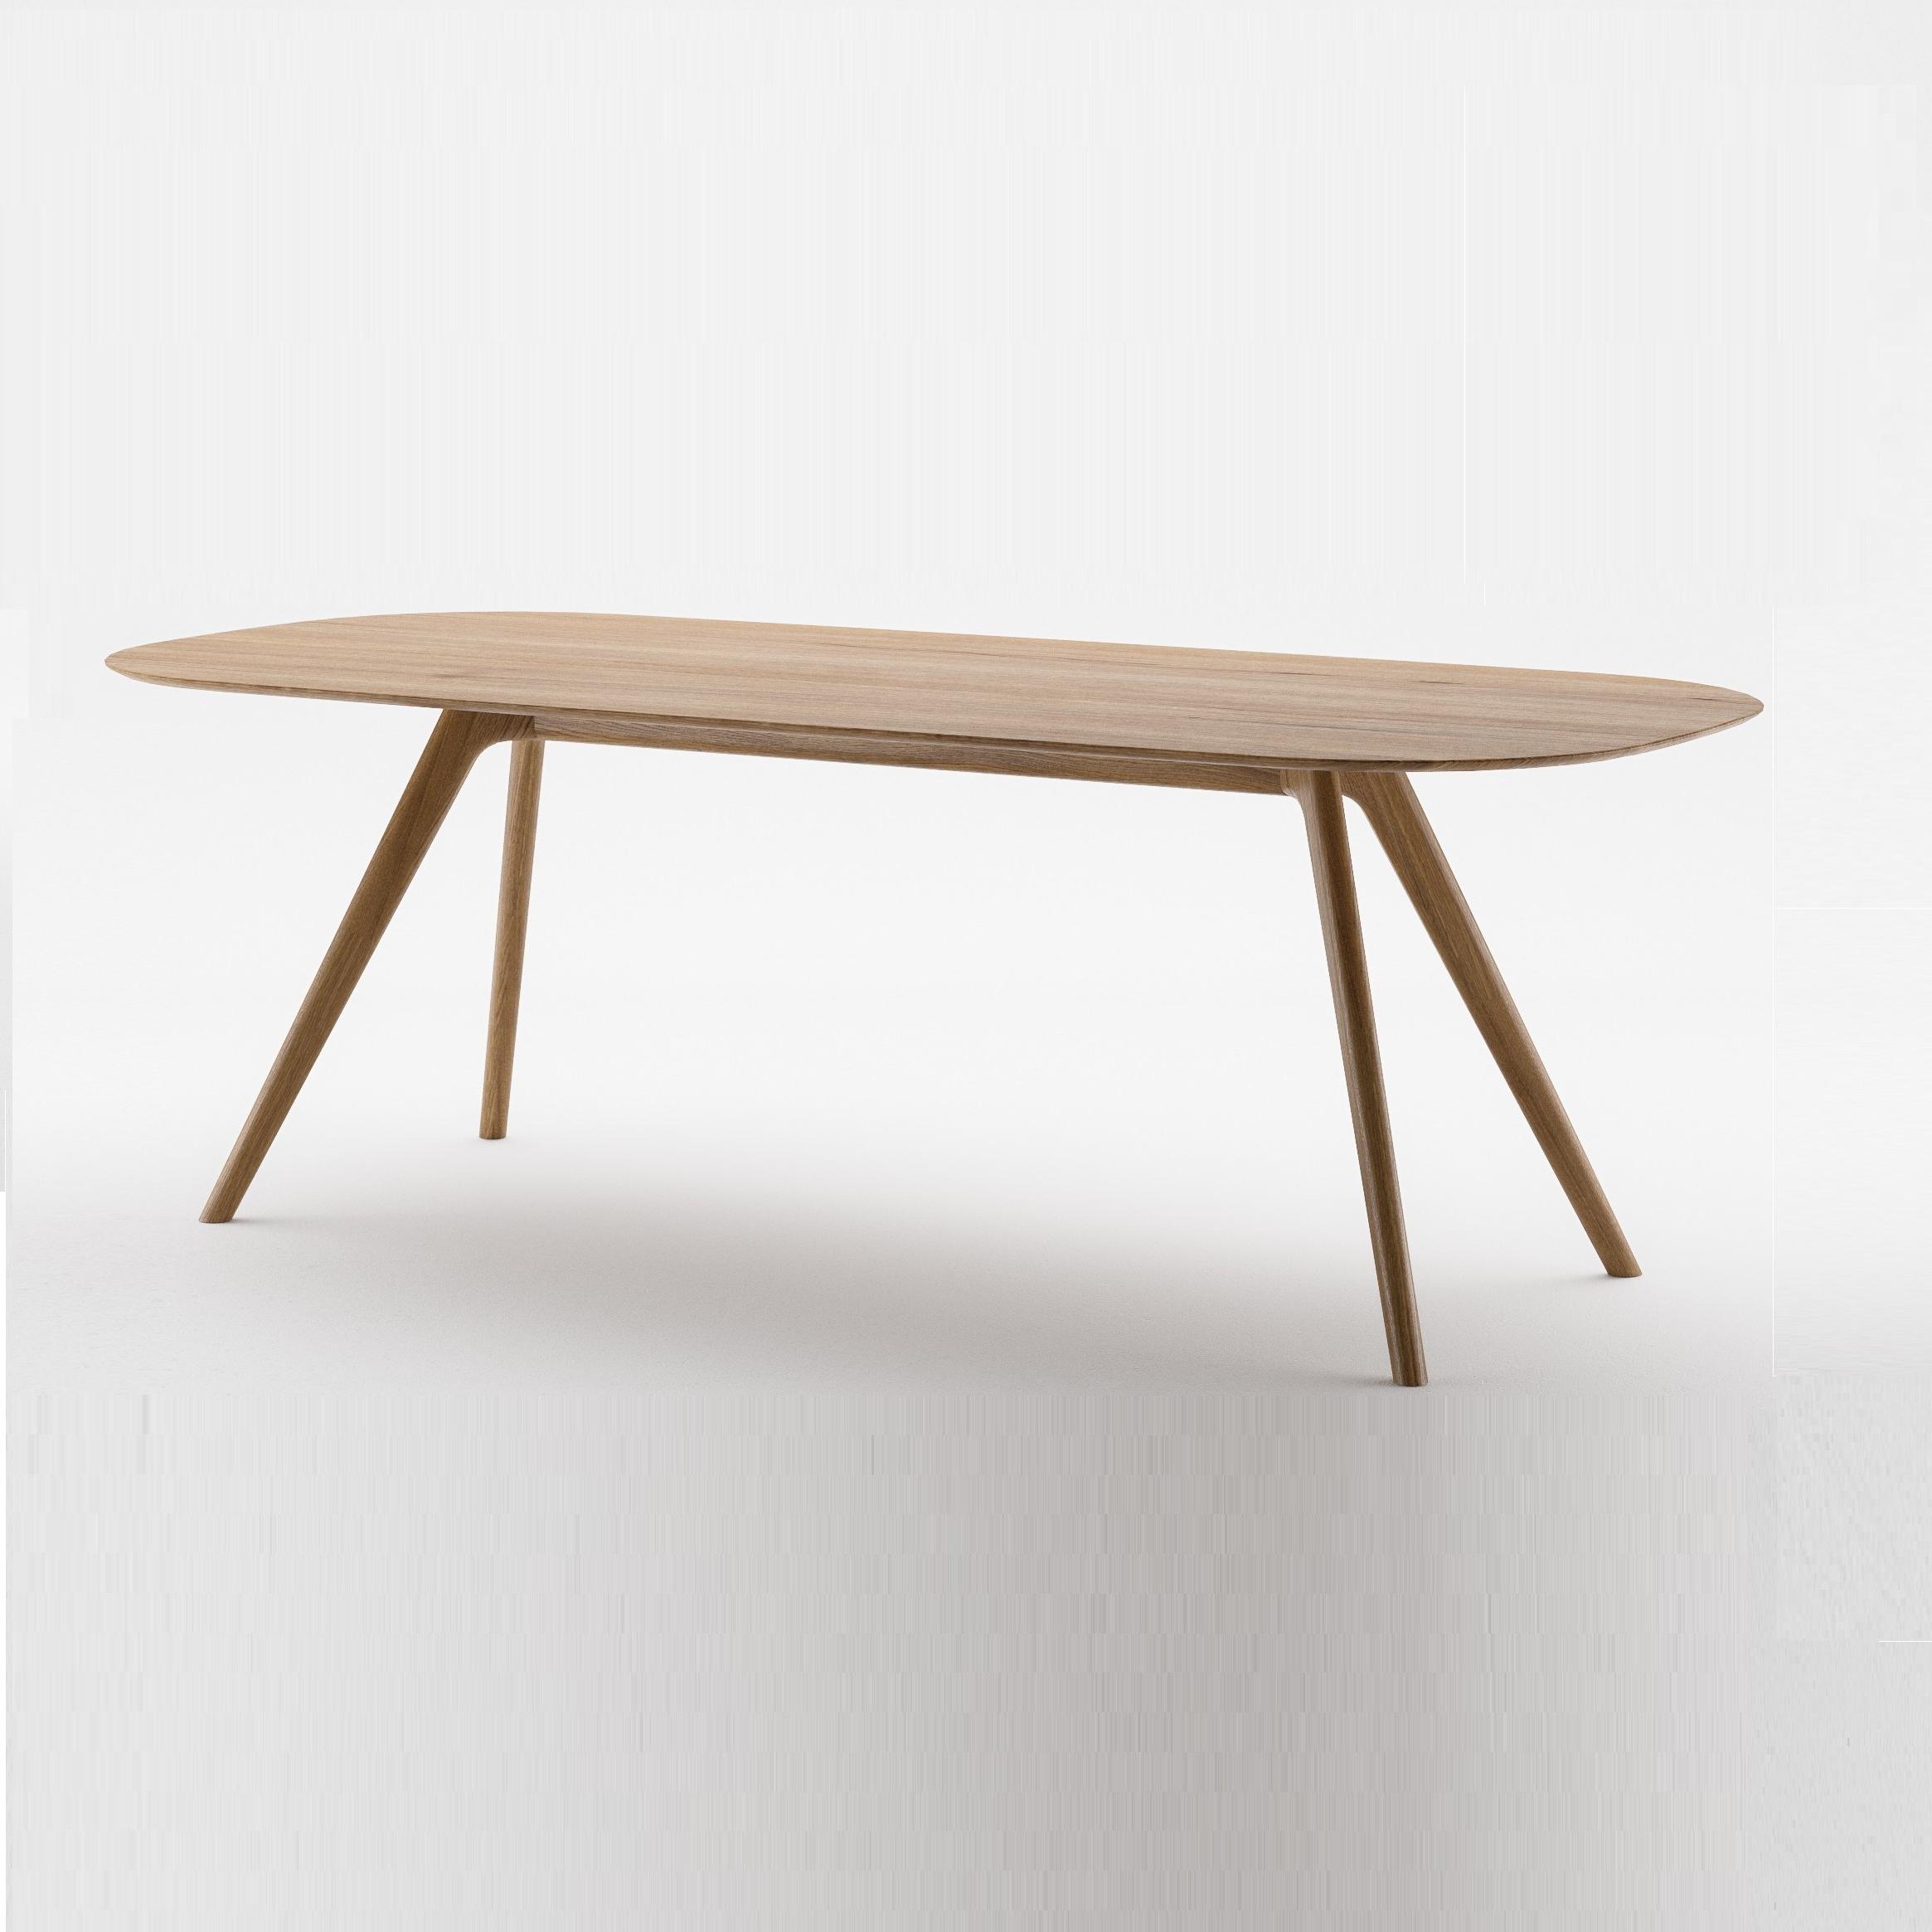 Oak – Decovry Regarding Fumed Oak Dining Tables (Gallery 29 of 30)